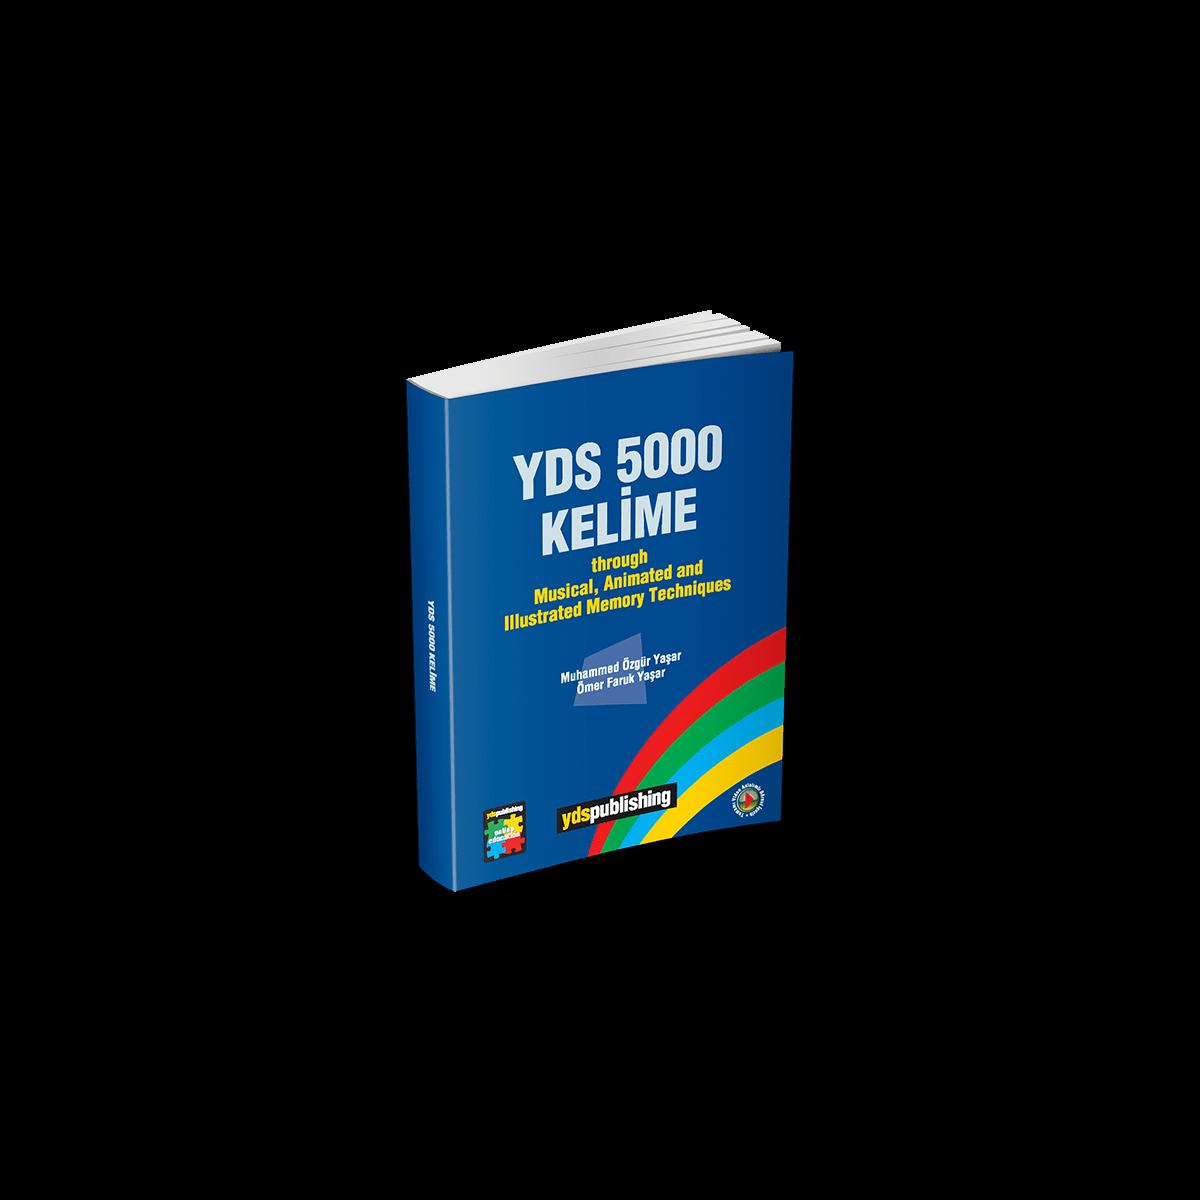 YDS 5000 Kelime (Memorize 5000 Words) yds 5000 kelime -  YDS 5000 Kelime (Memorize 5000 Words) – YDS'de sık çıkan 5000 kelime